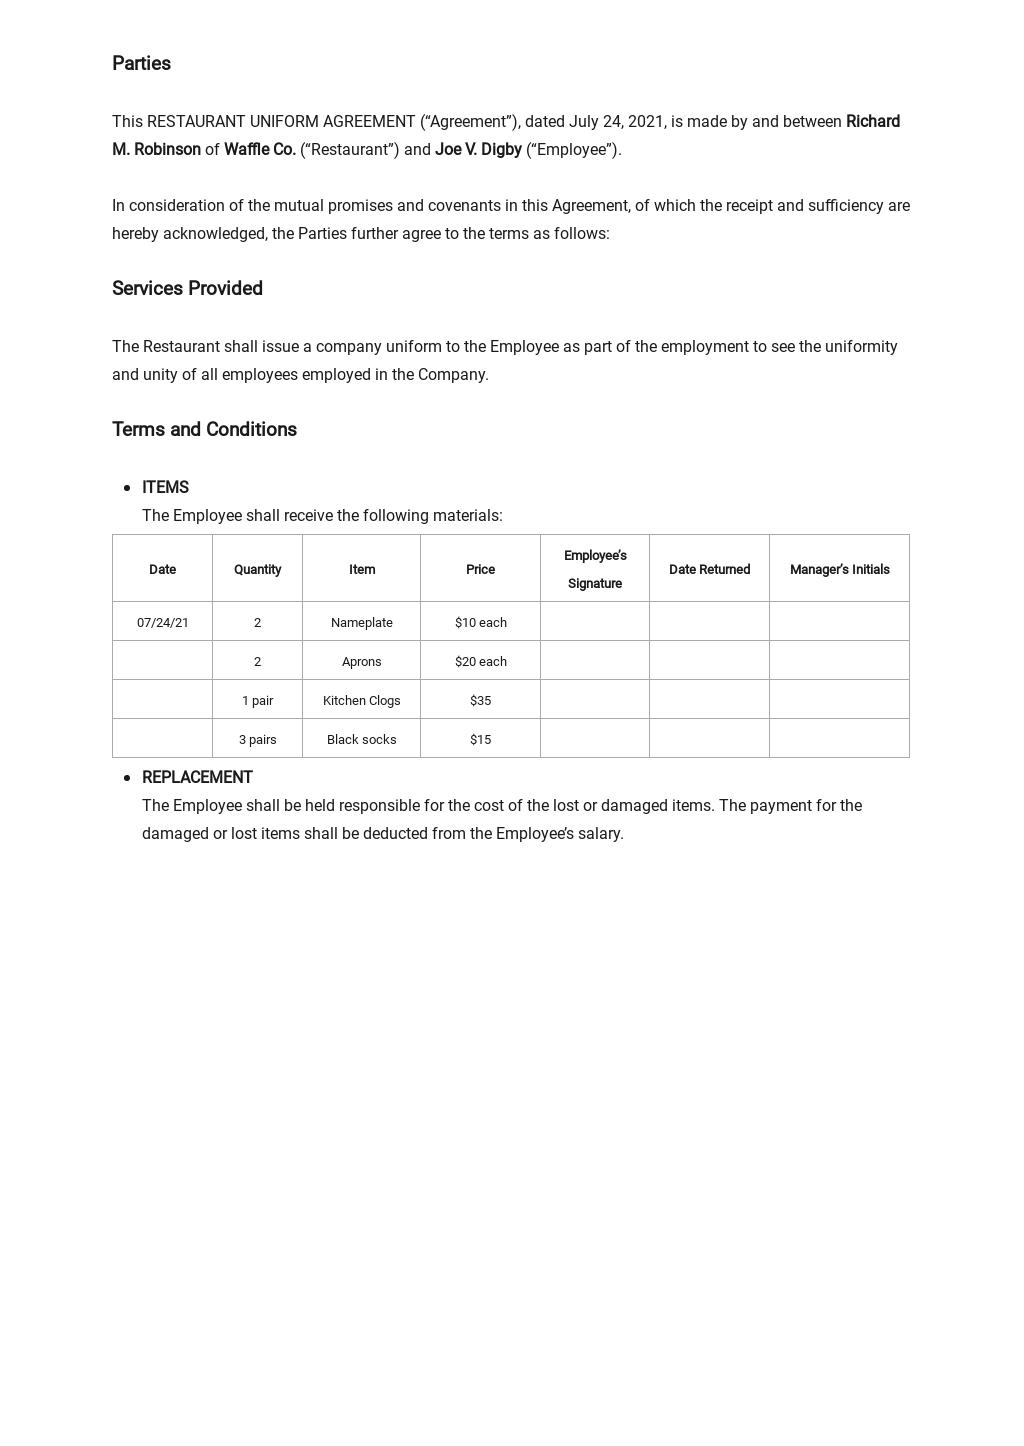 Restaurant Uniform Agreement Template 1.jpe